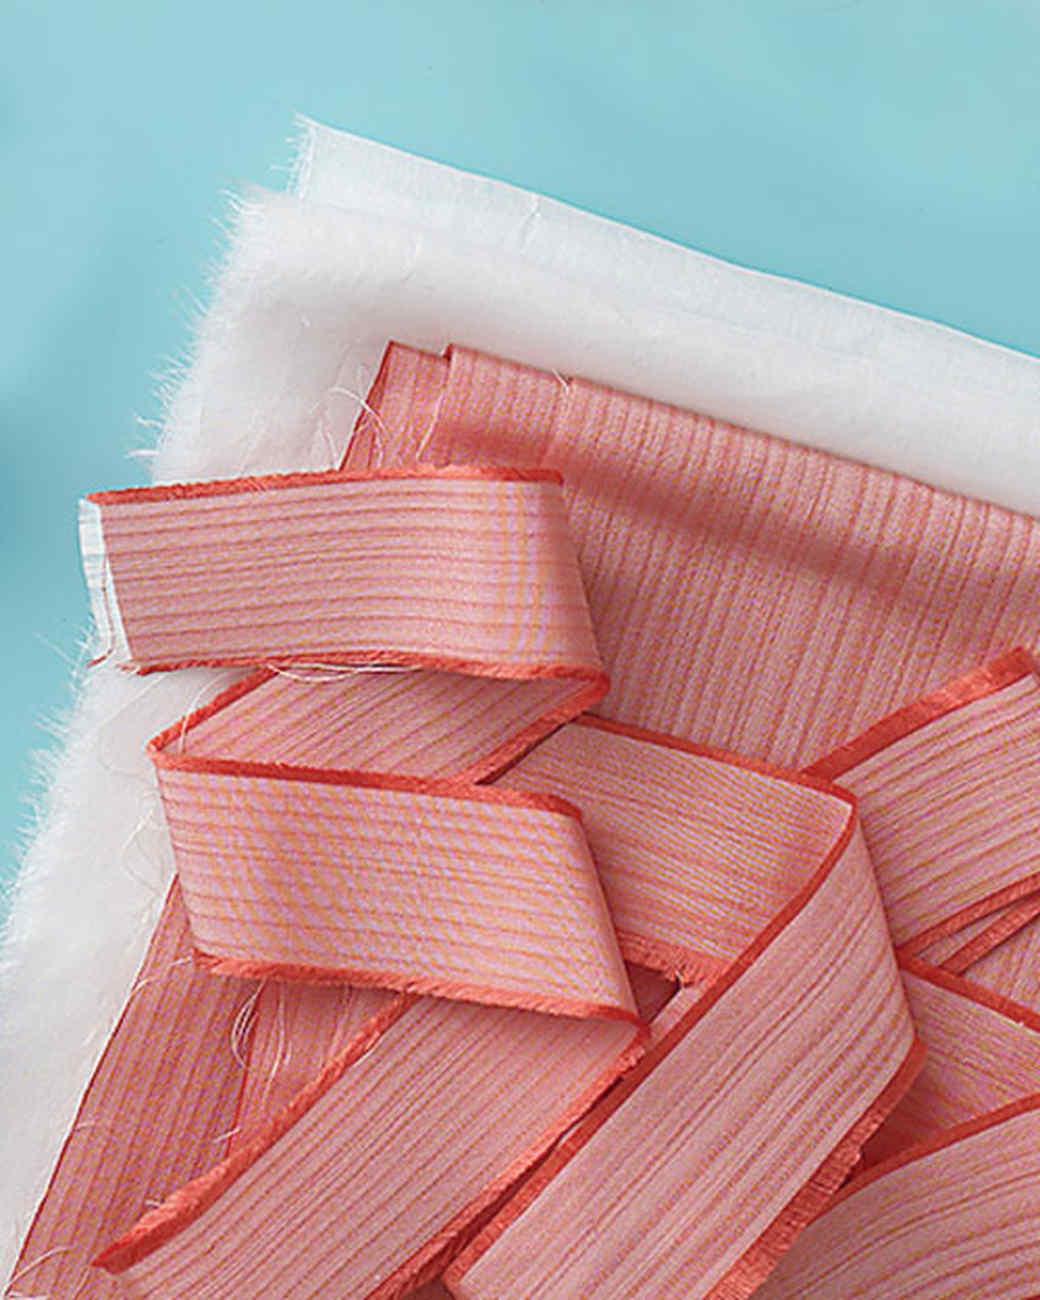 mld105039_1209_supplies_ribbon.jpg